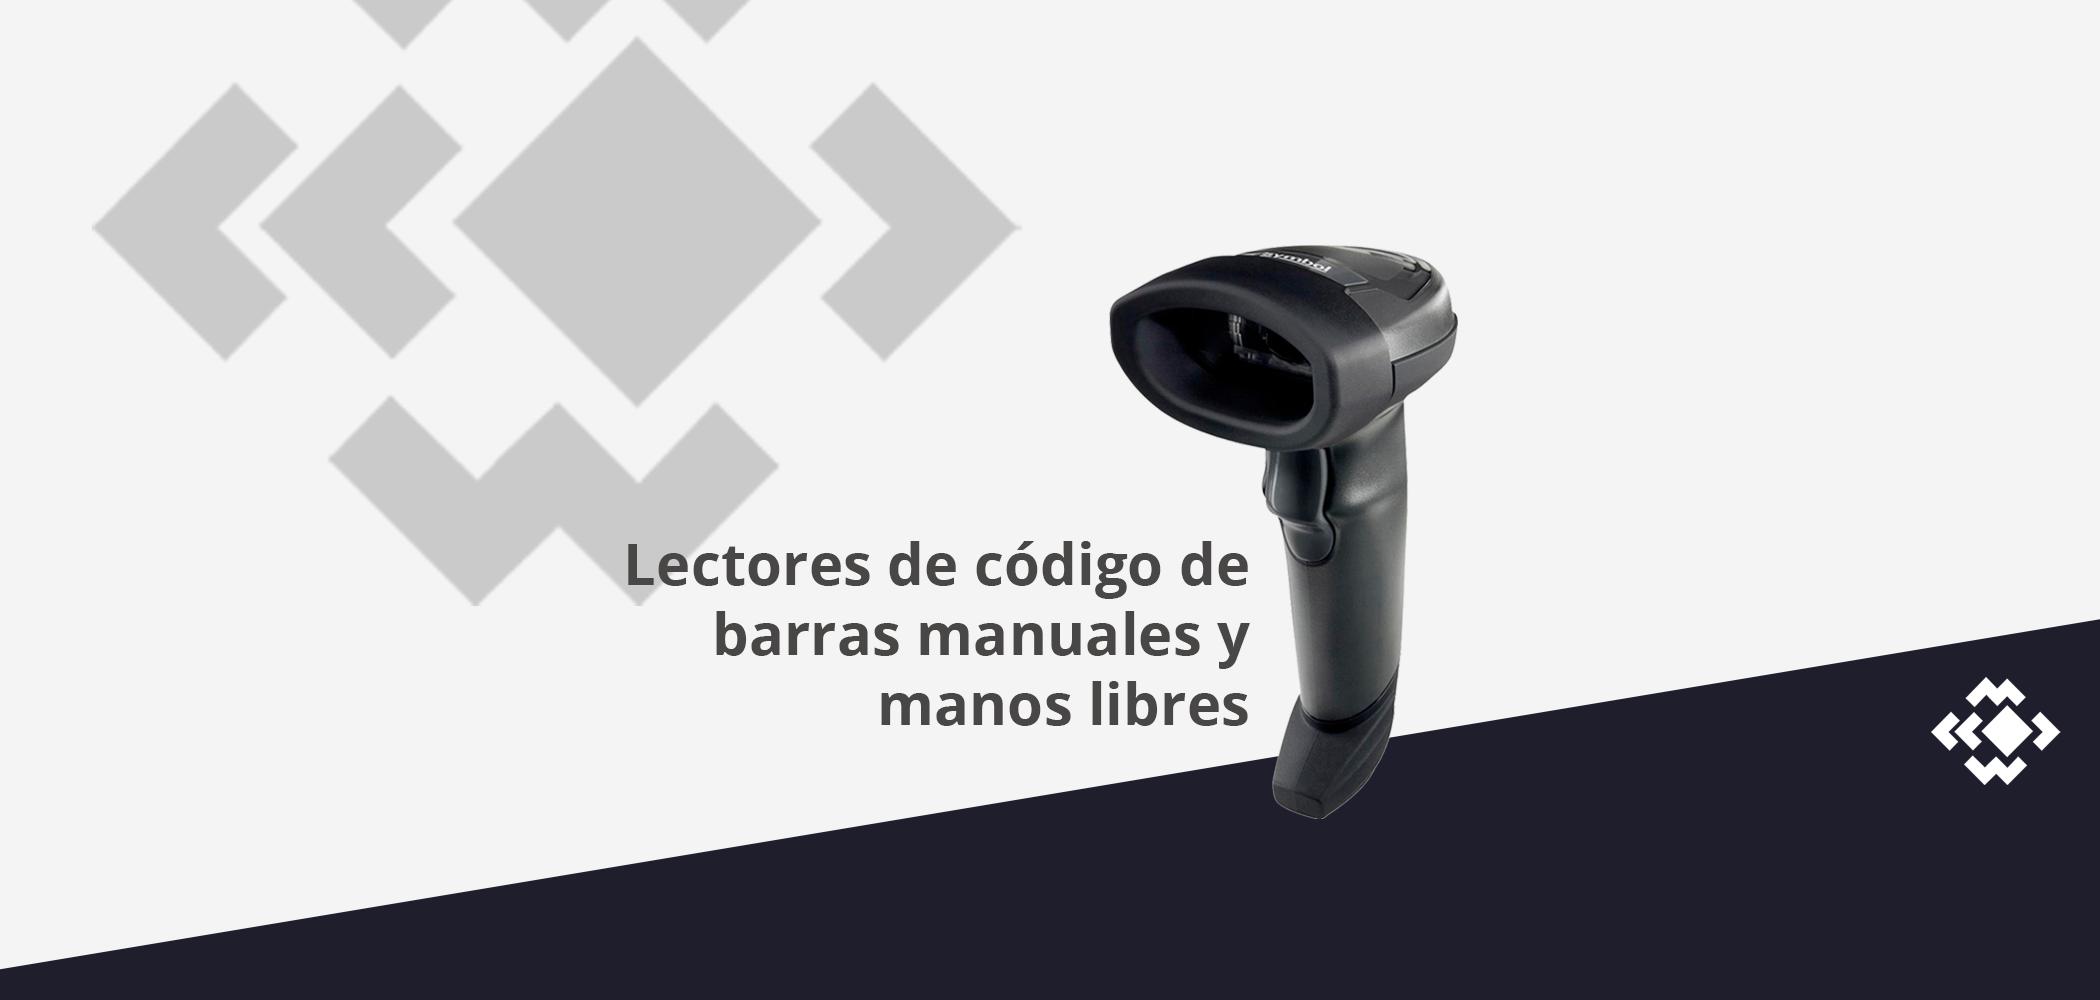 Lectores de códigos de barras manuales y manos libres